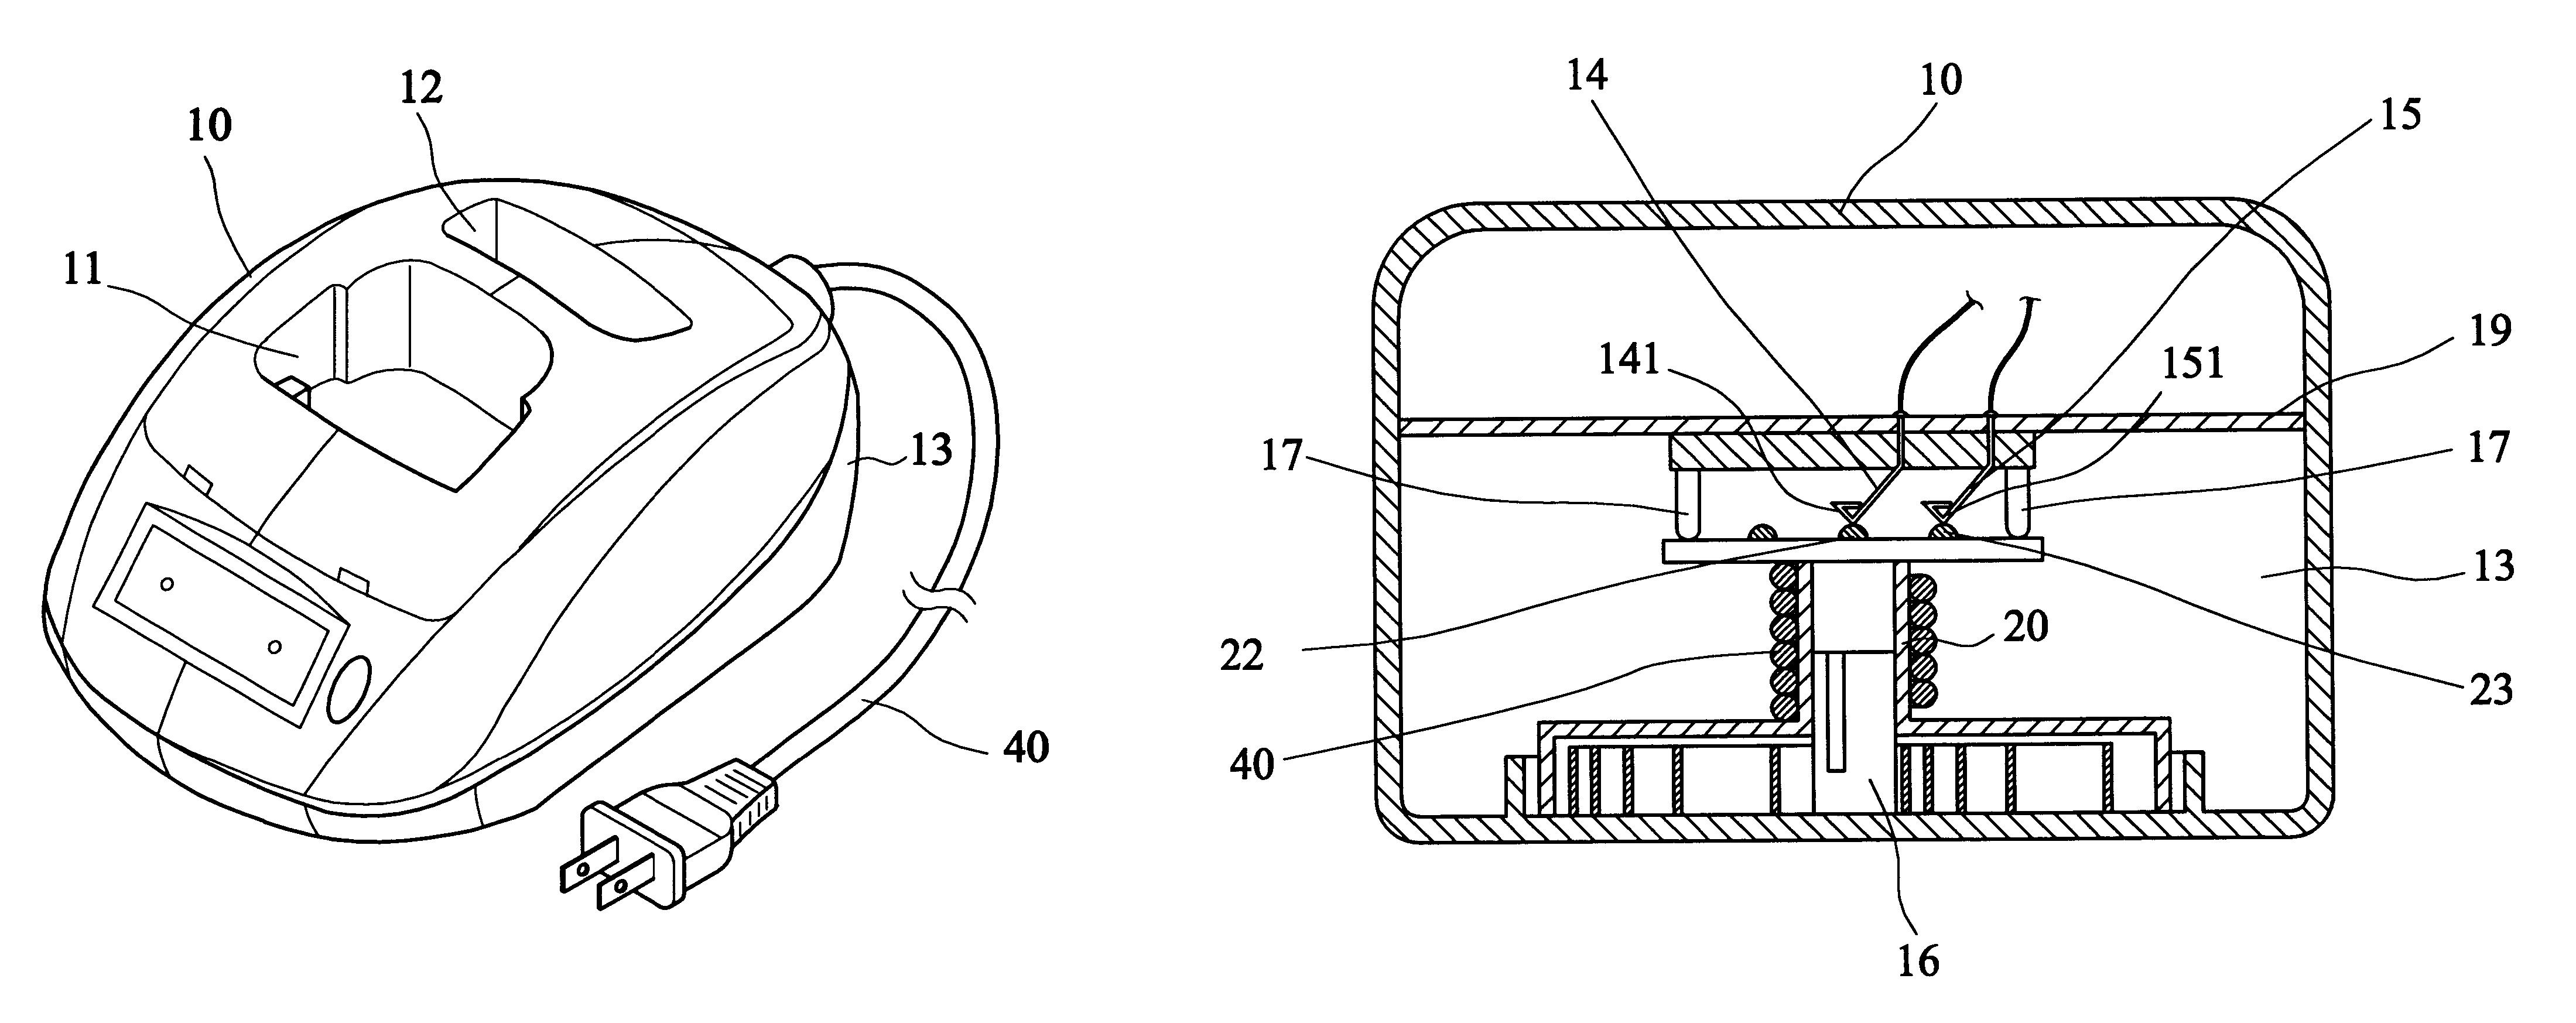 patent us6230860